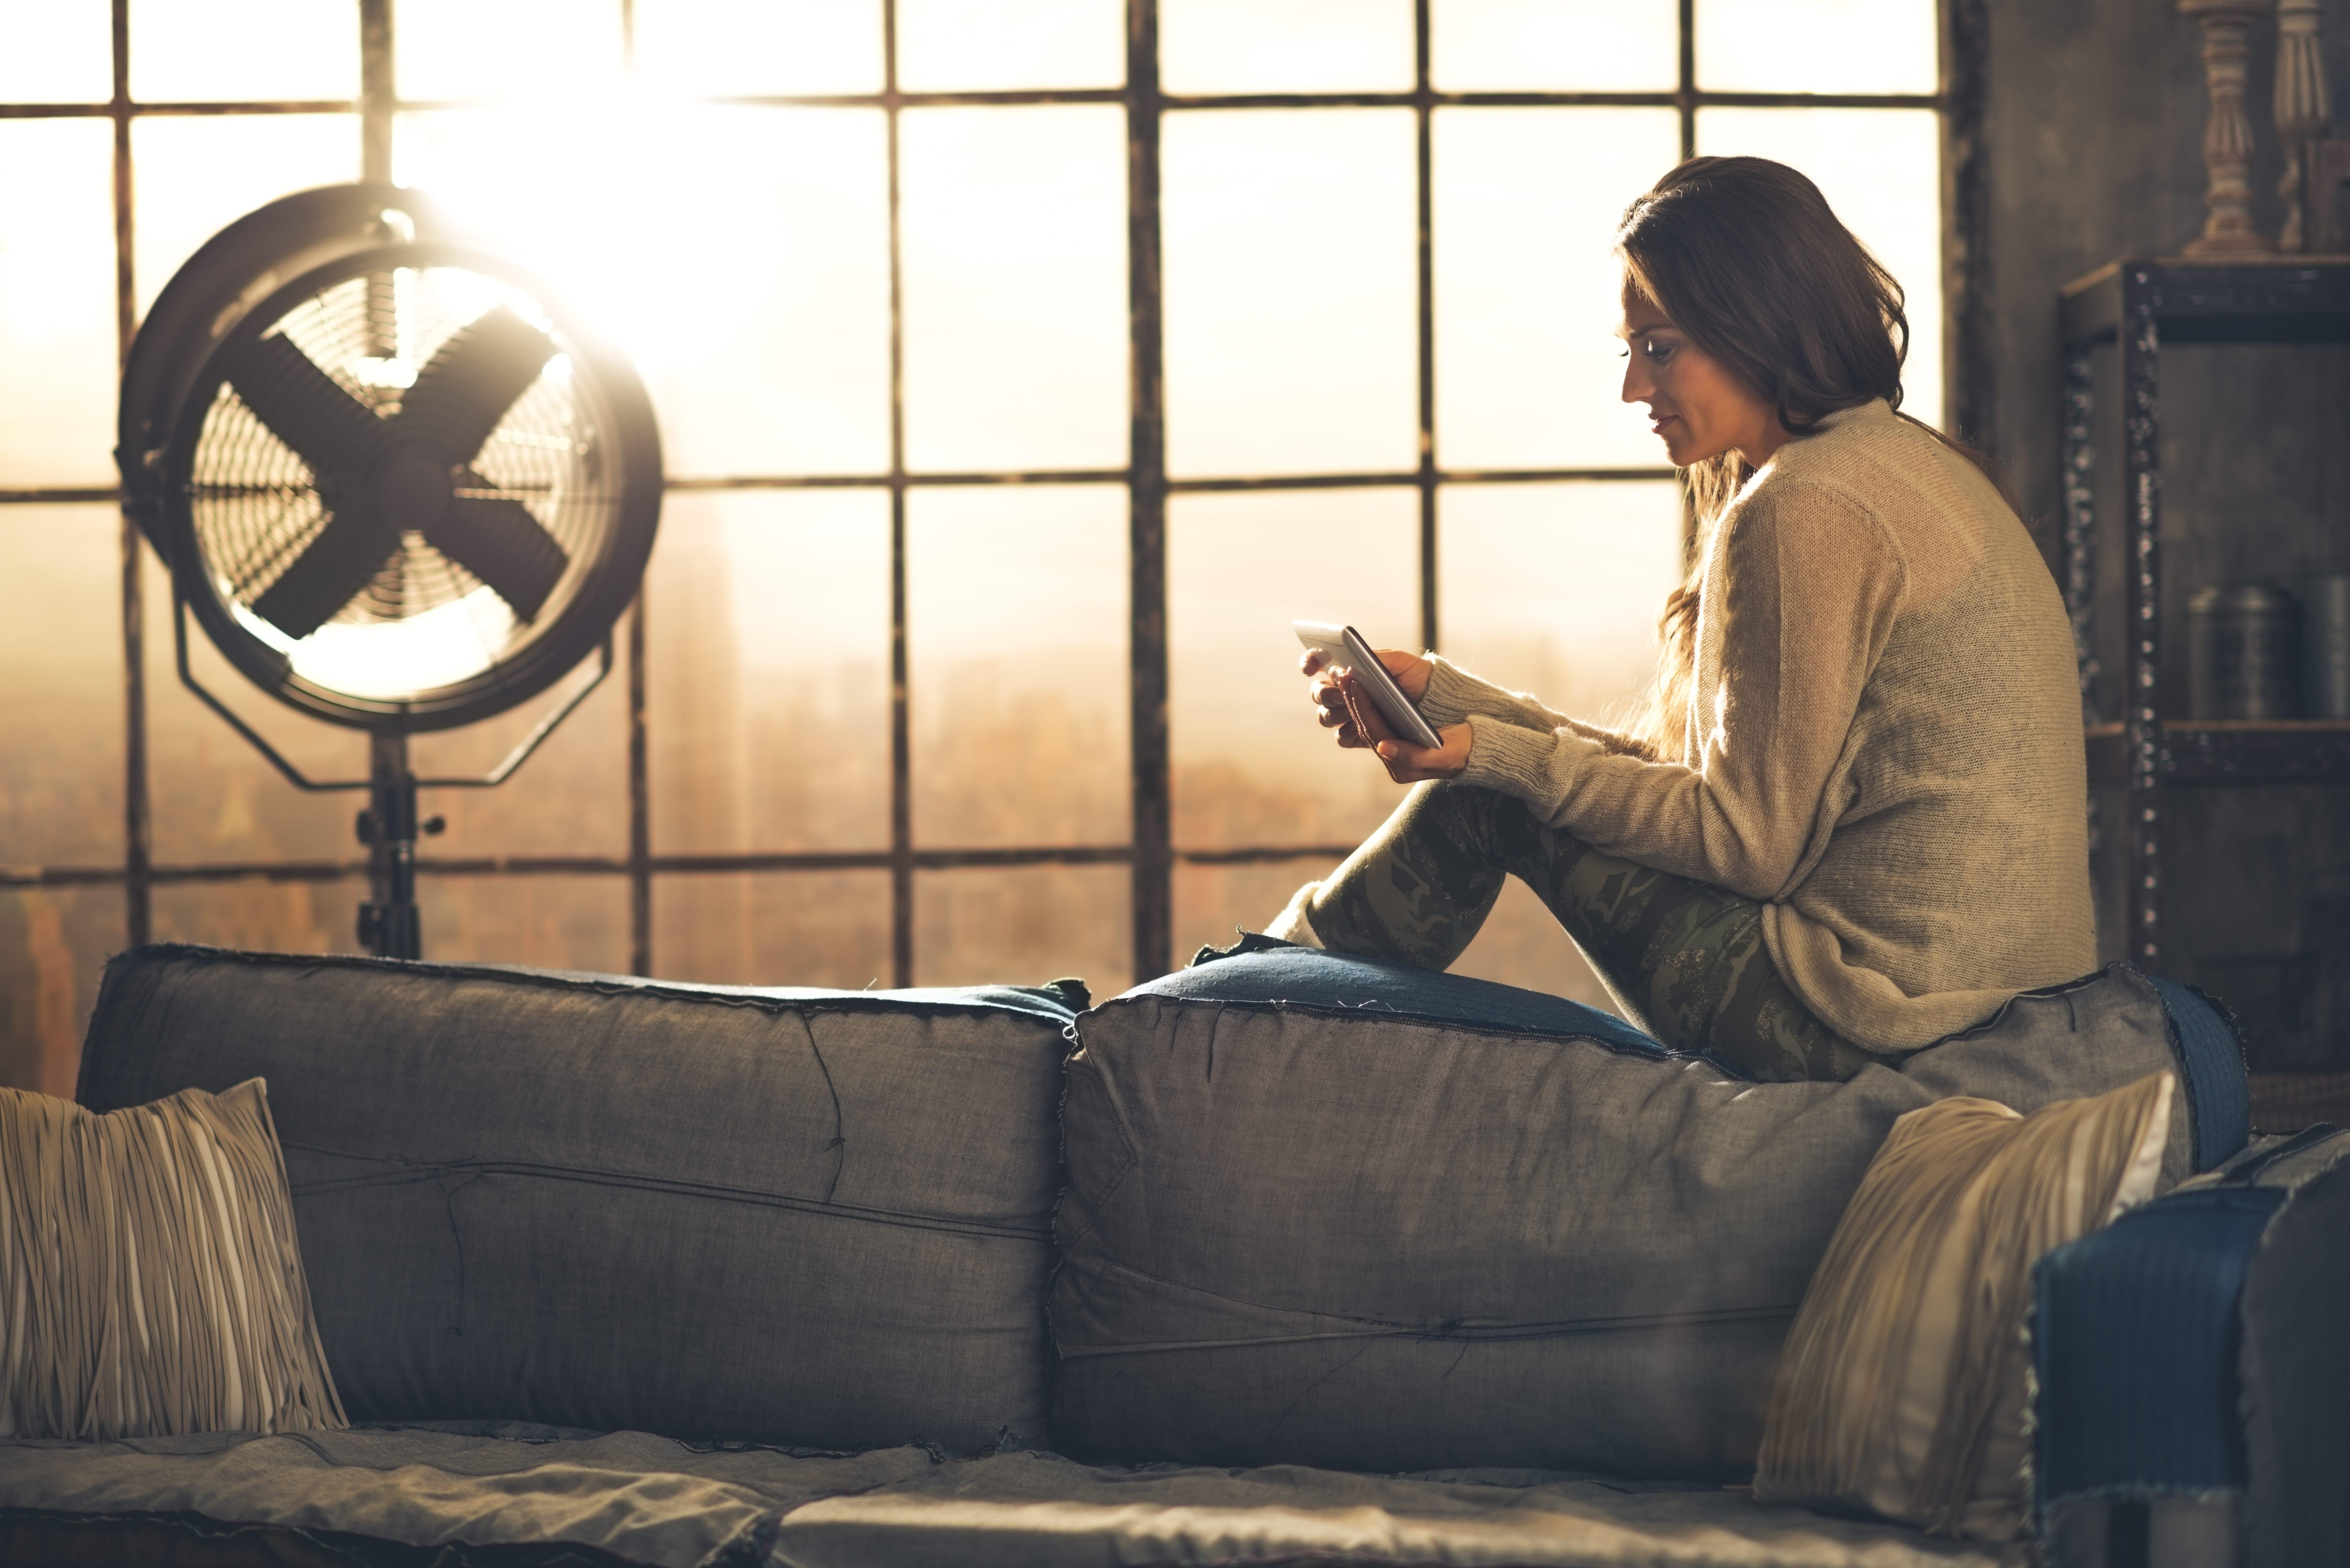 ventilator richtig nutzen einsatzgebiete und richtlinien f r die nutzung in wohnungen. Black Bedroom Furniture Sets. Home Design Ideas